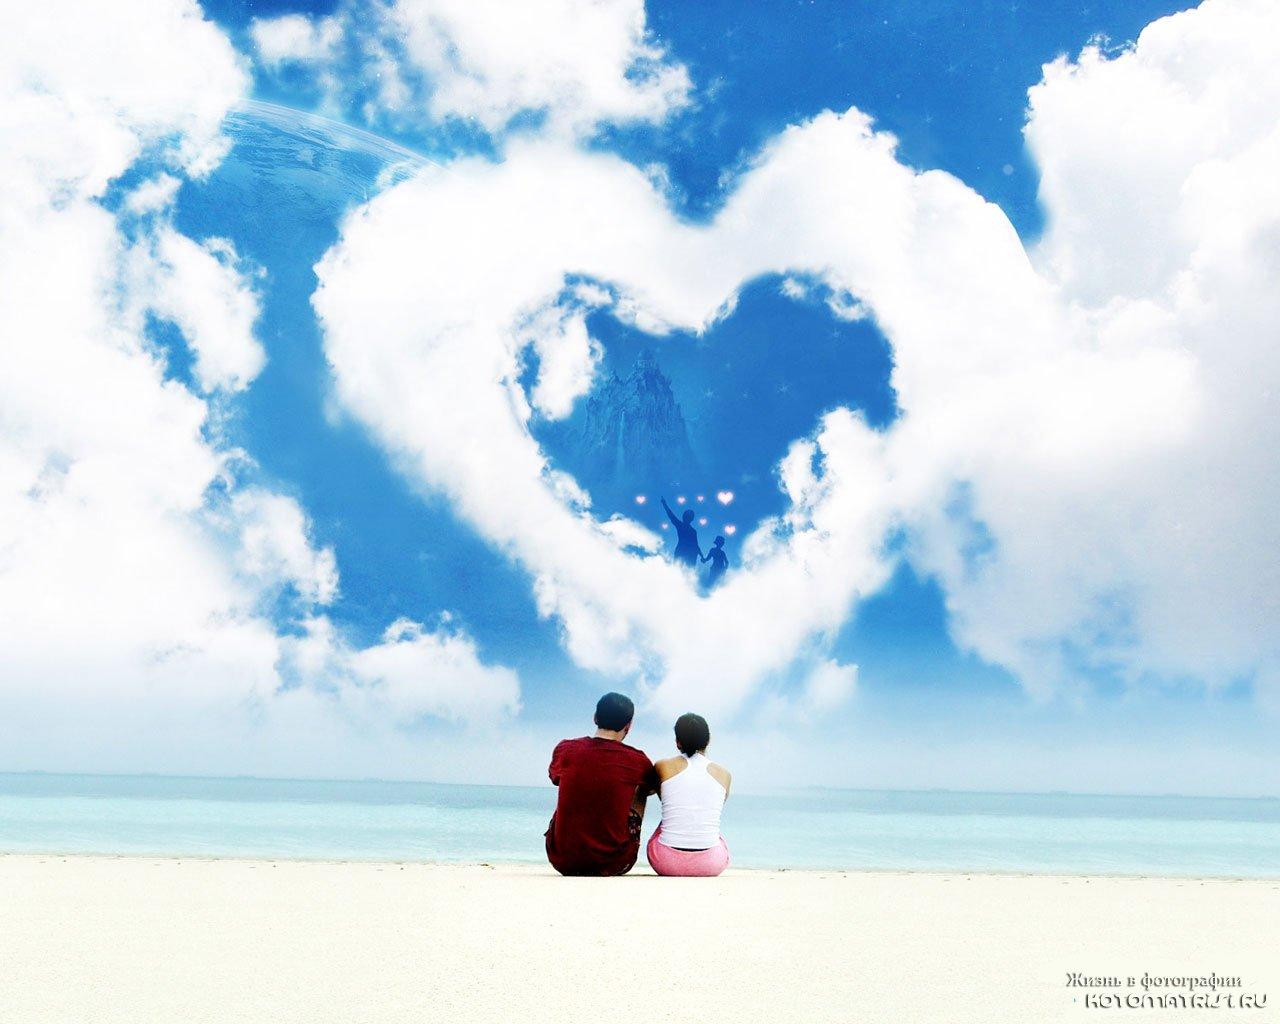 Любовь, страсть, нежность67.  Картинки и фото любовь, мужчина, женщина.